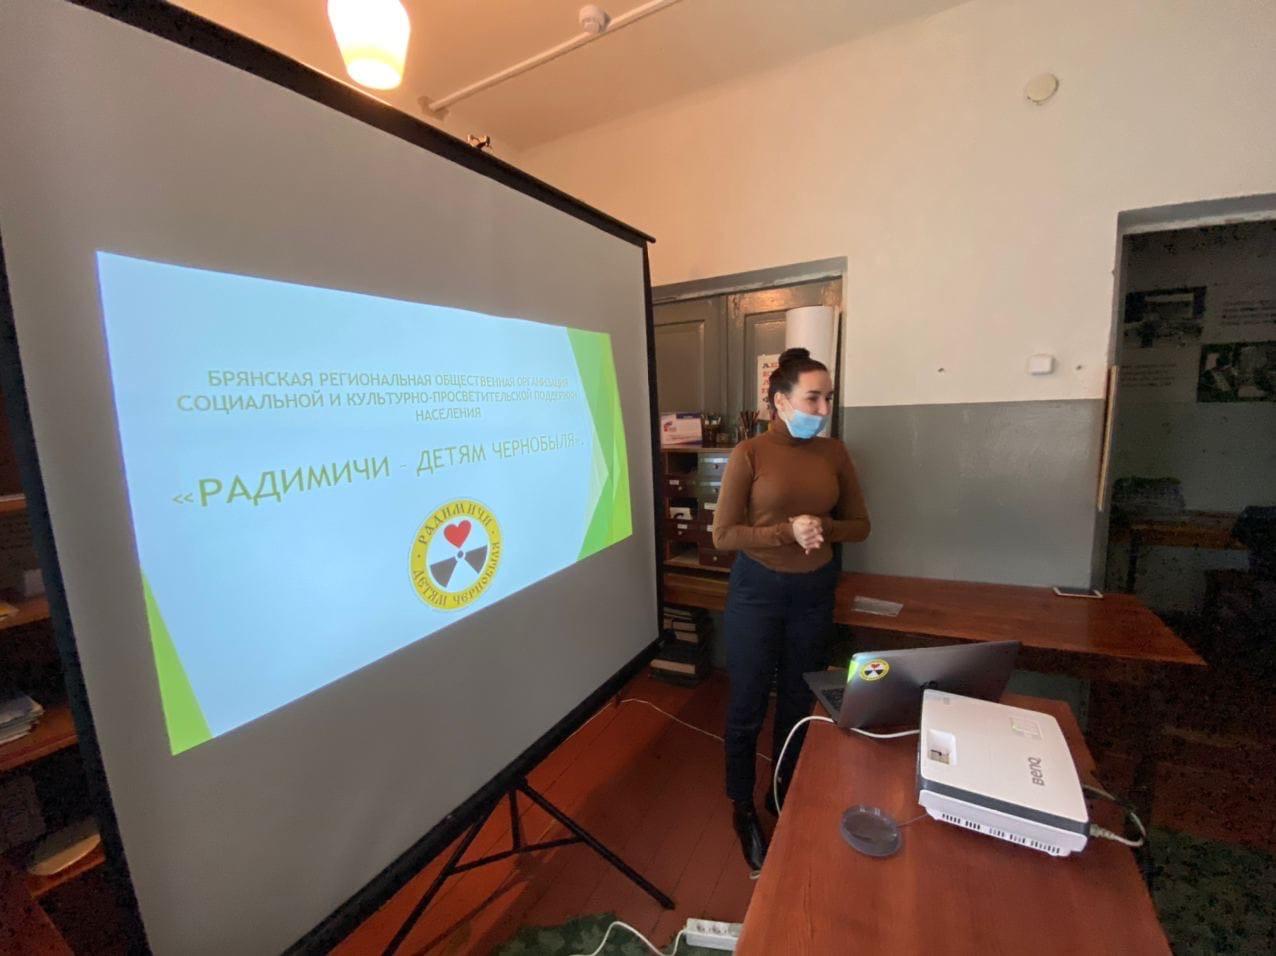 Радимичи встретились с активными жителями села Сновское.